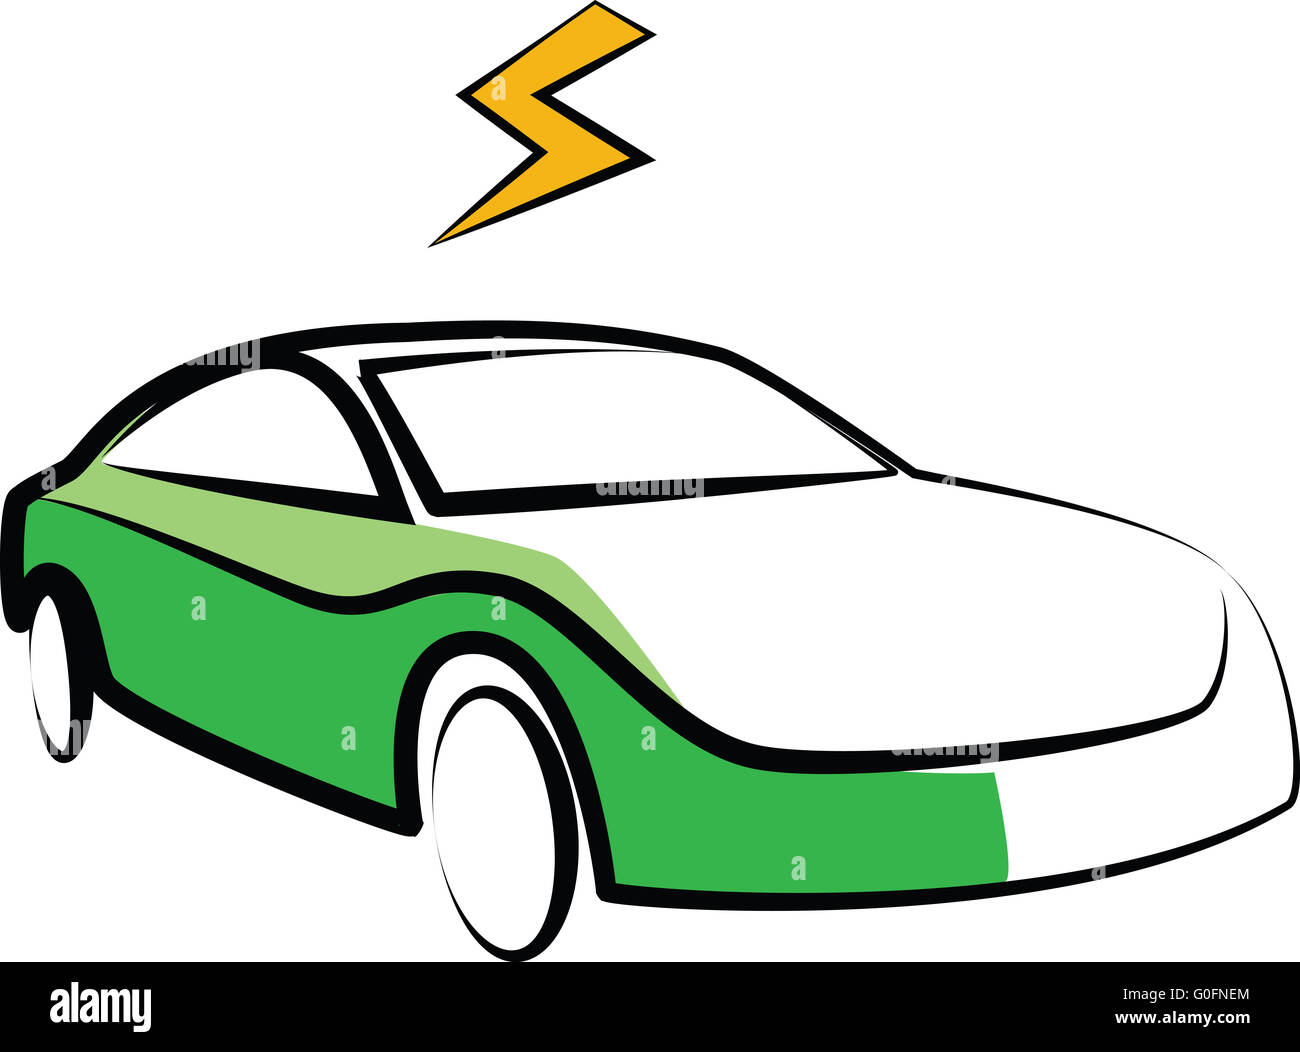 Ausgezeichnet Chevy Schaltplan Symbole Automobil Bilder - Der ...